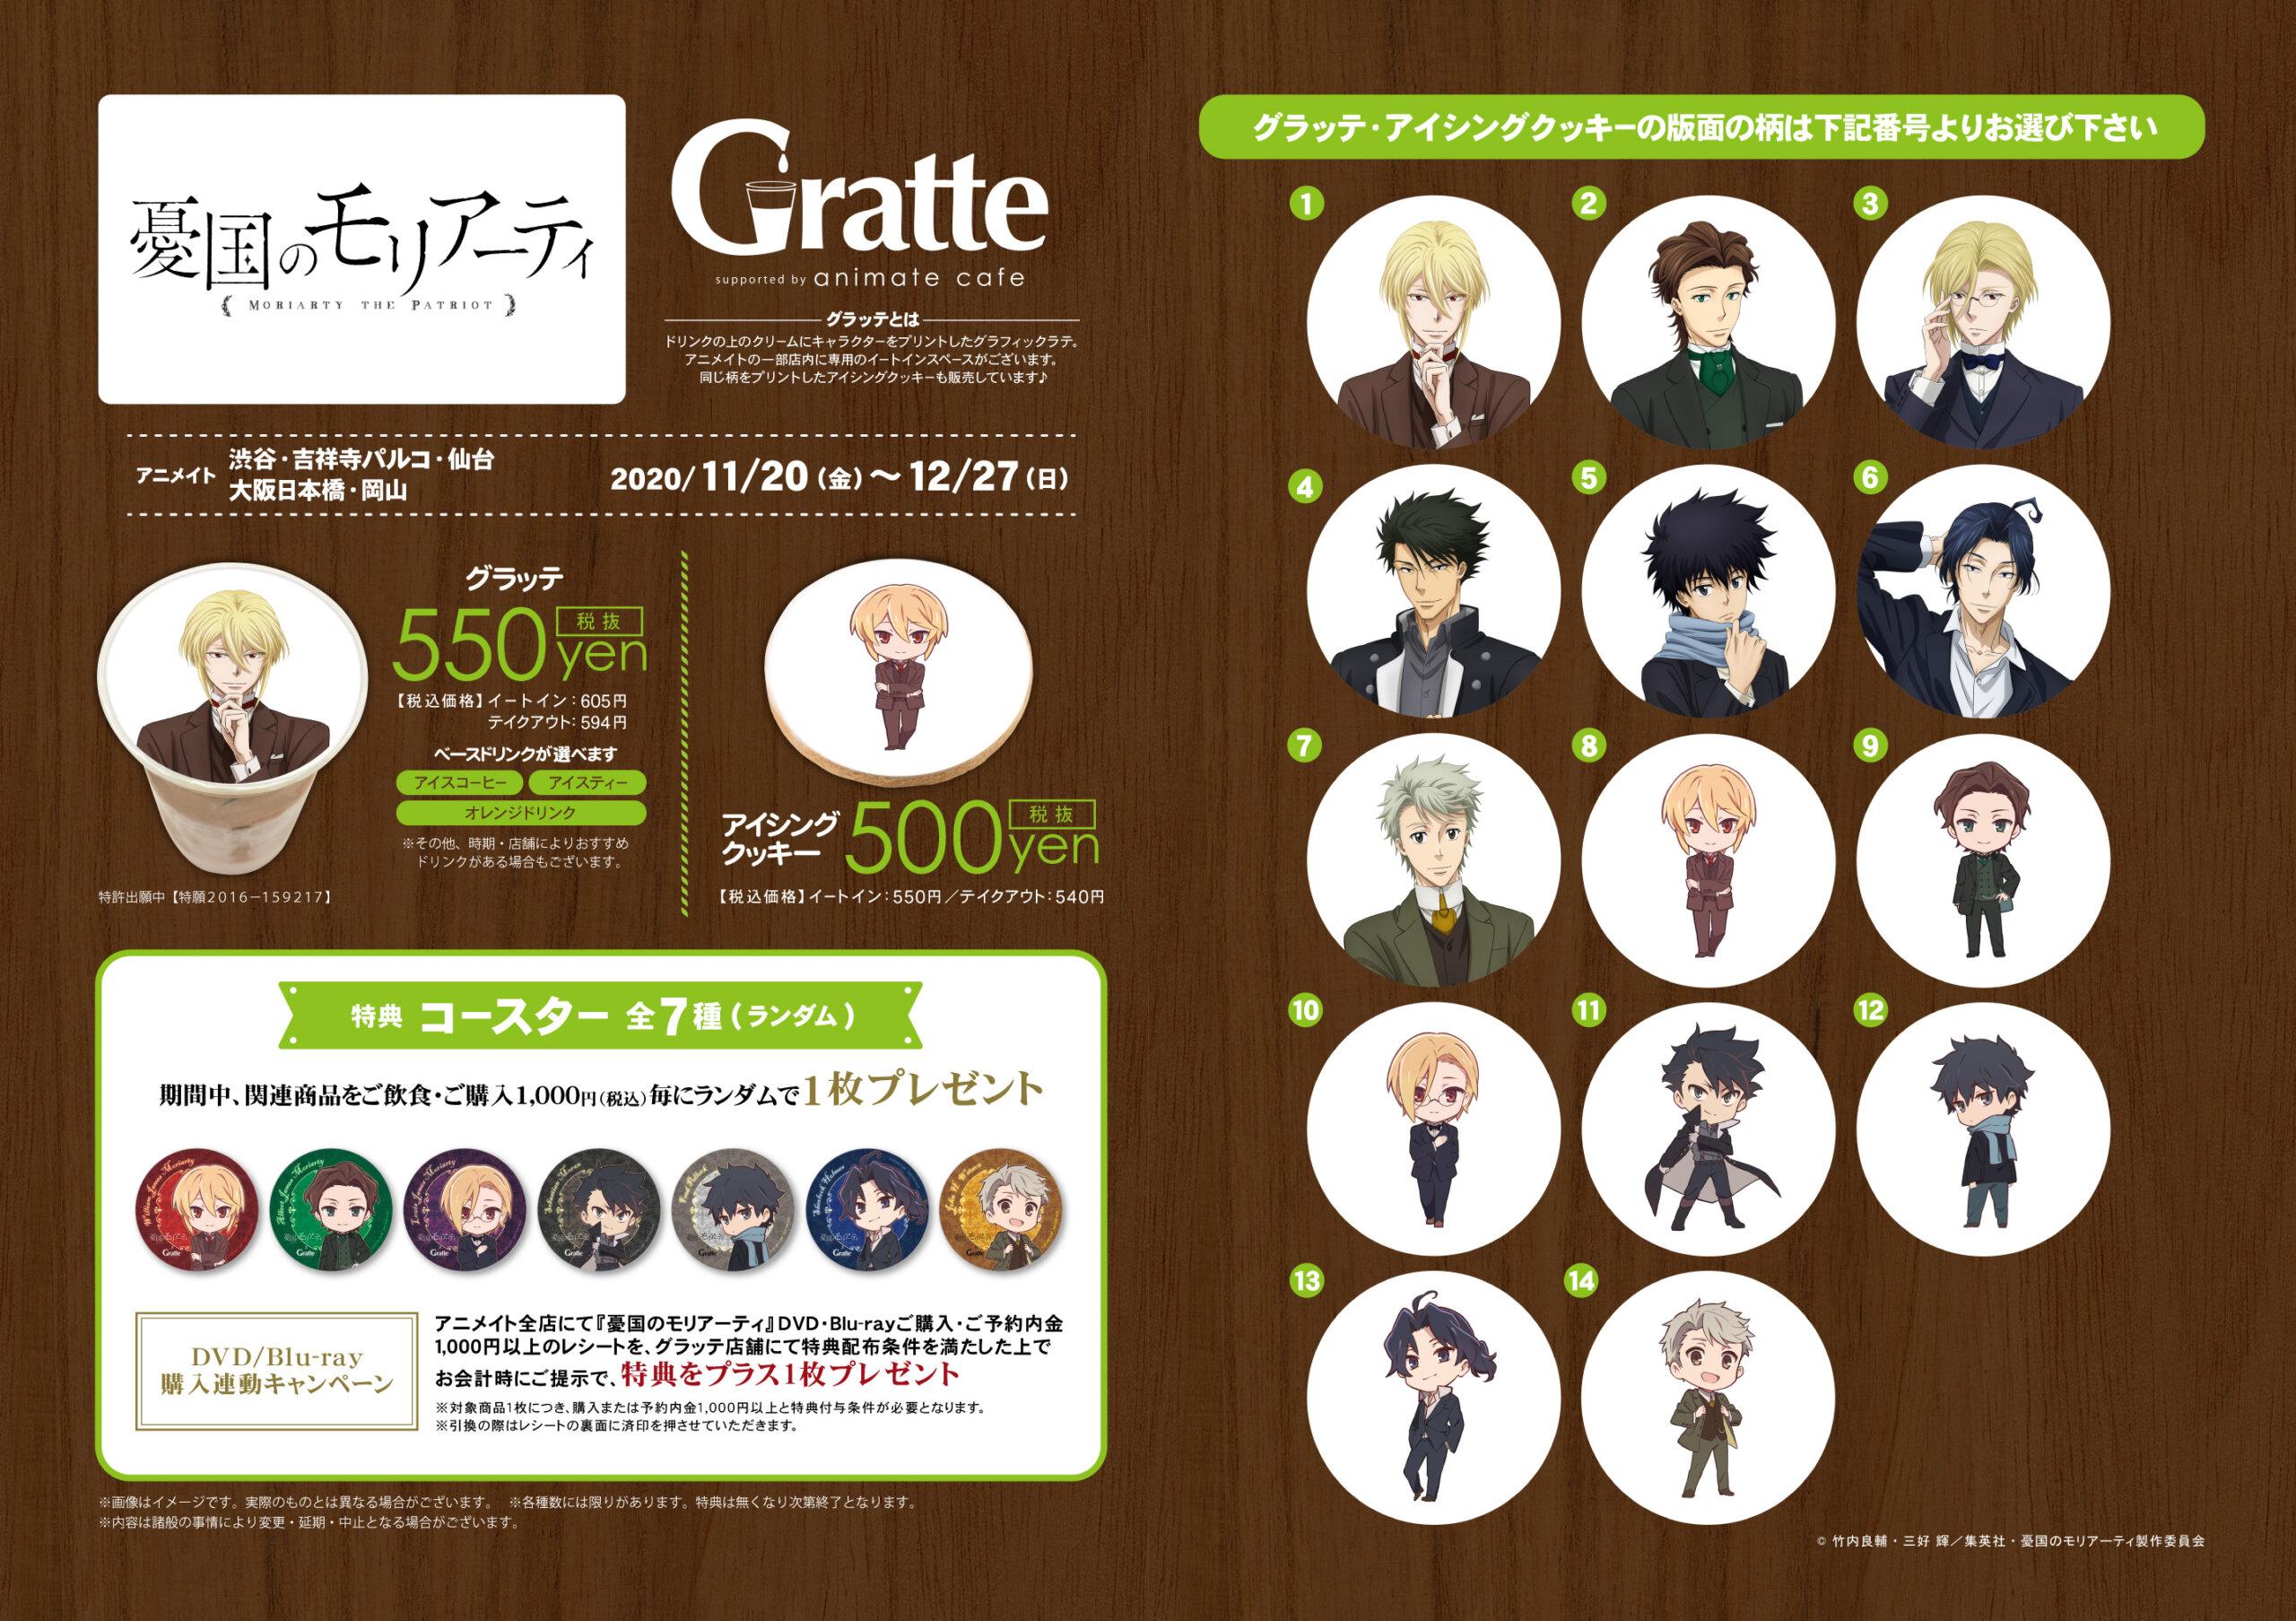 TVアニメ「憂国のモリアーティ」×Gratte 開催決定